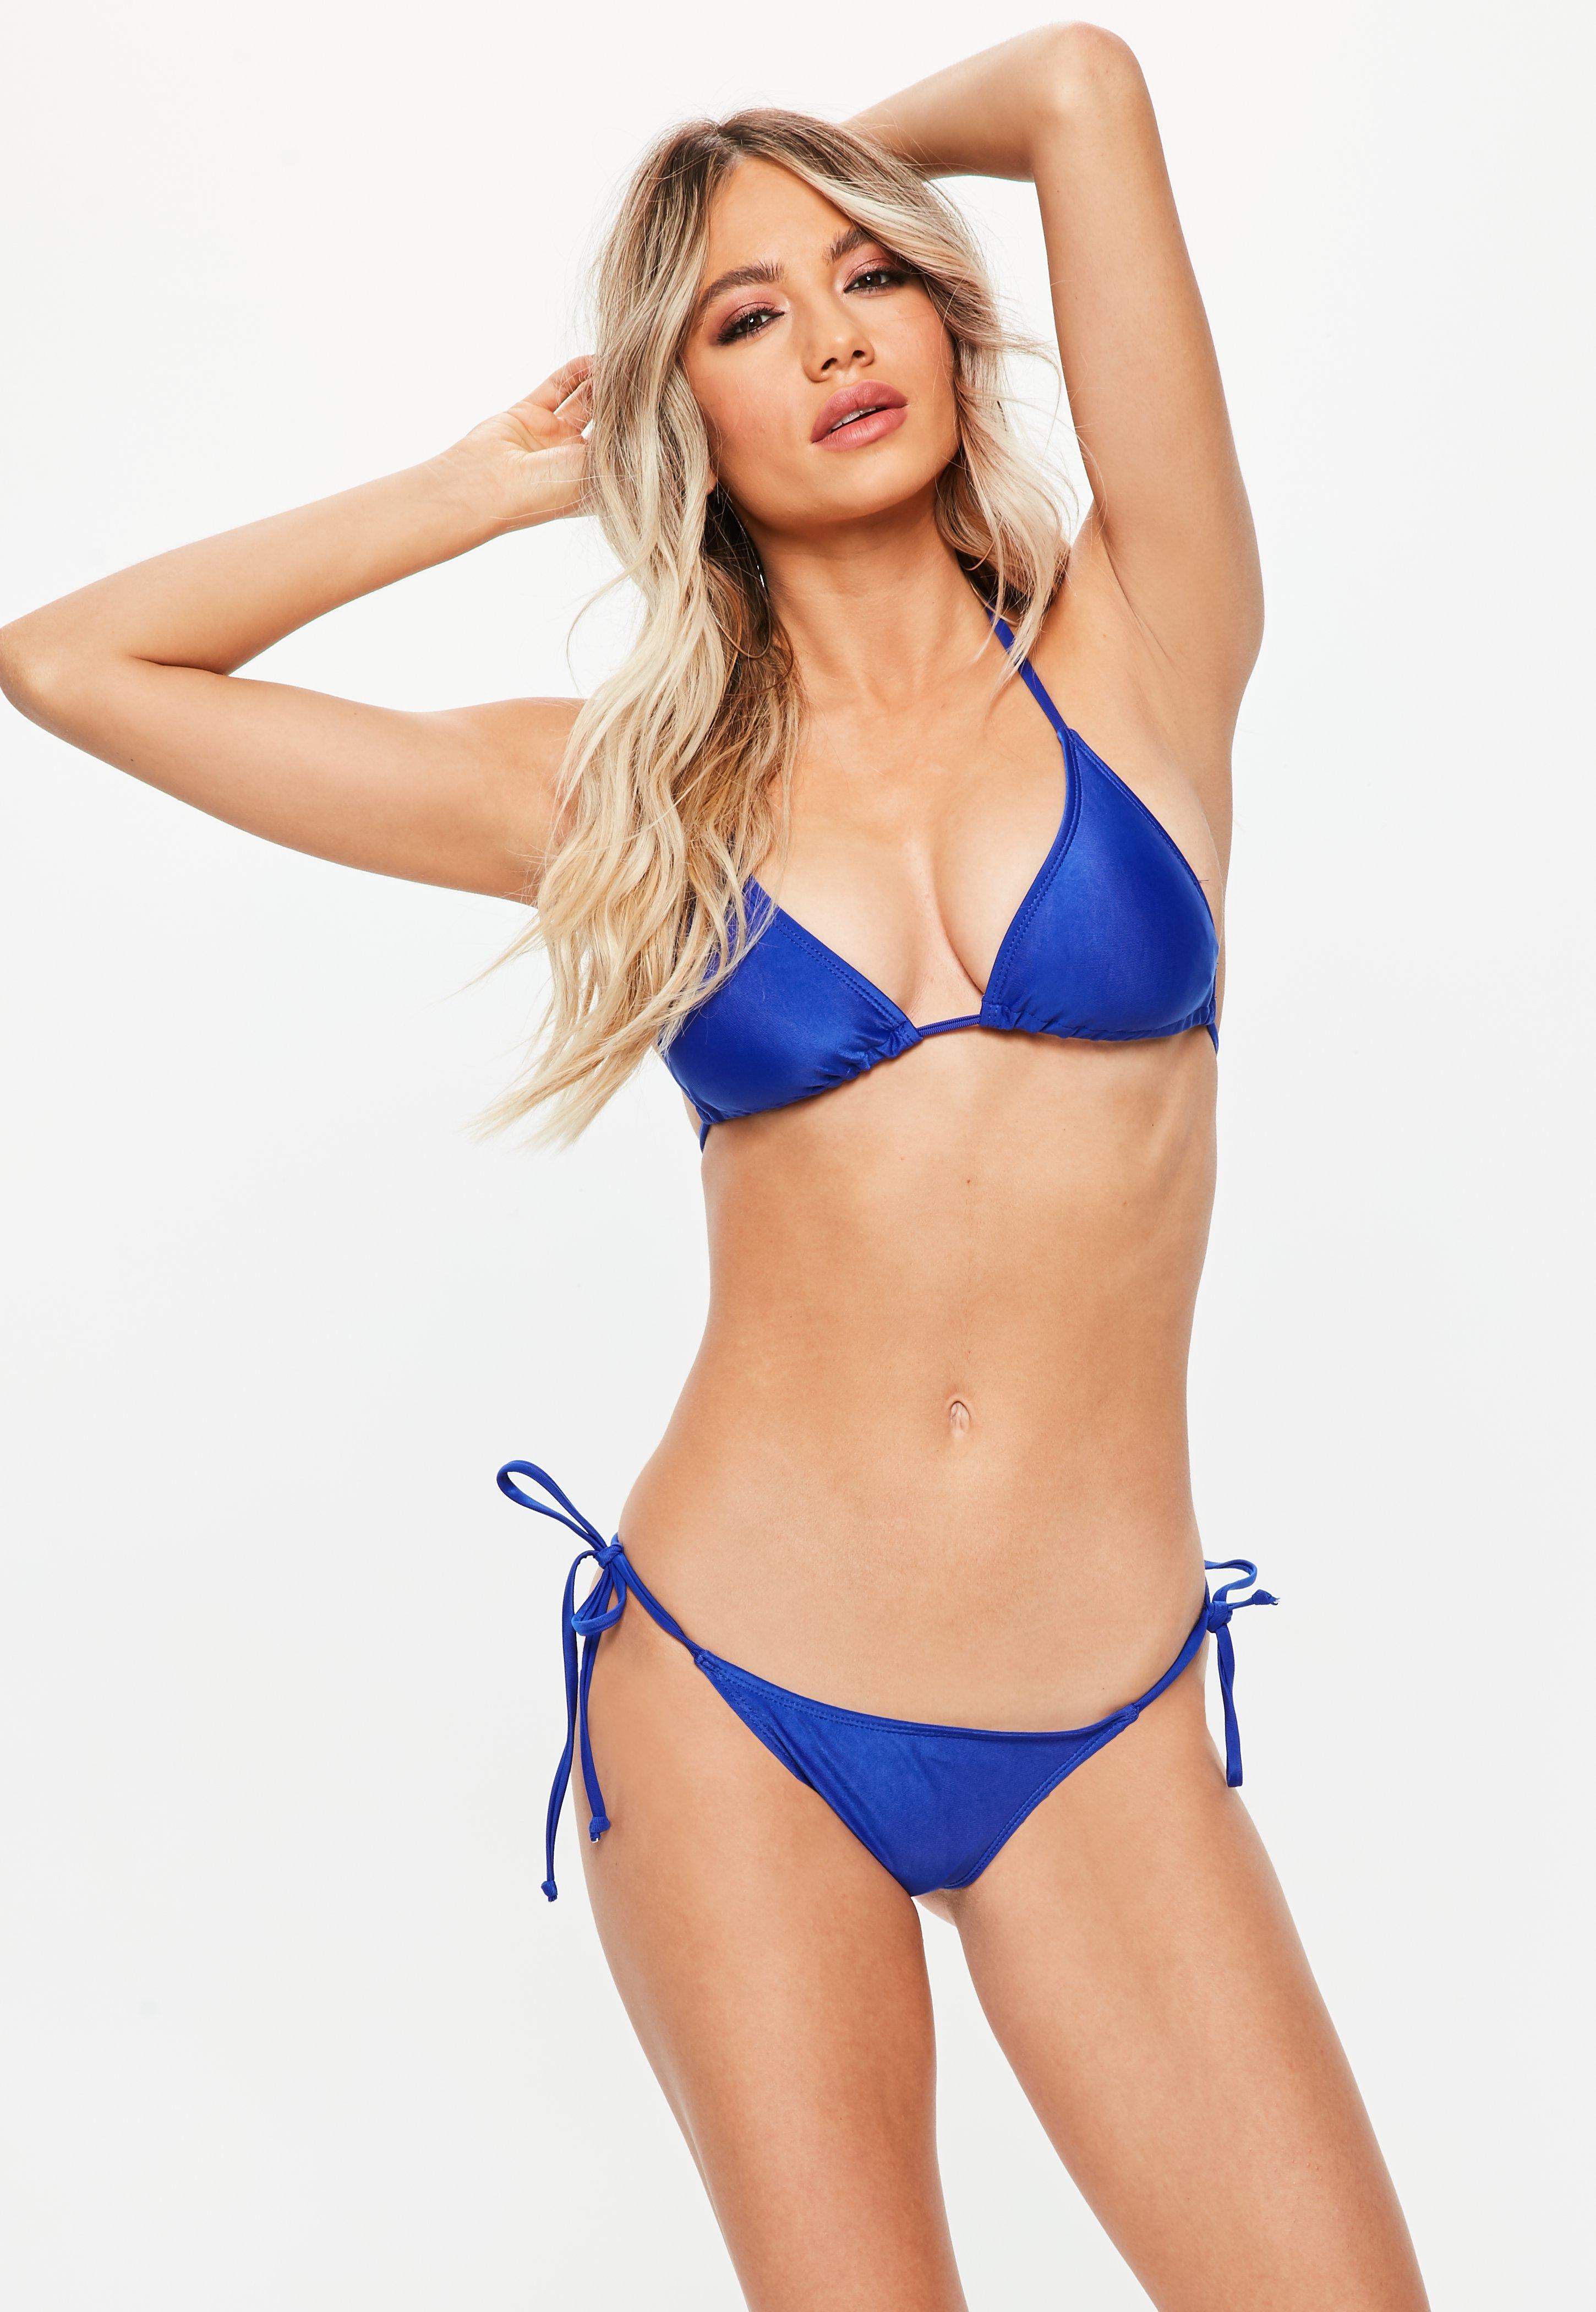 Blonde bikini shop